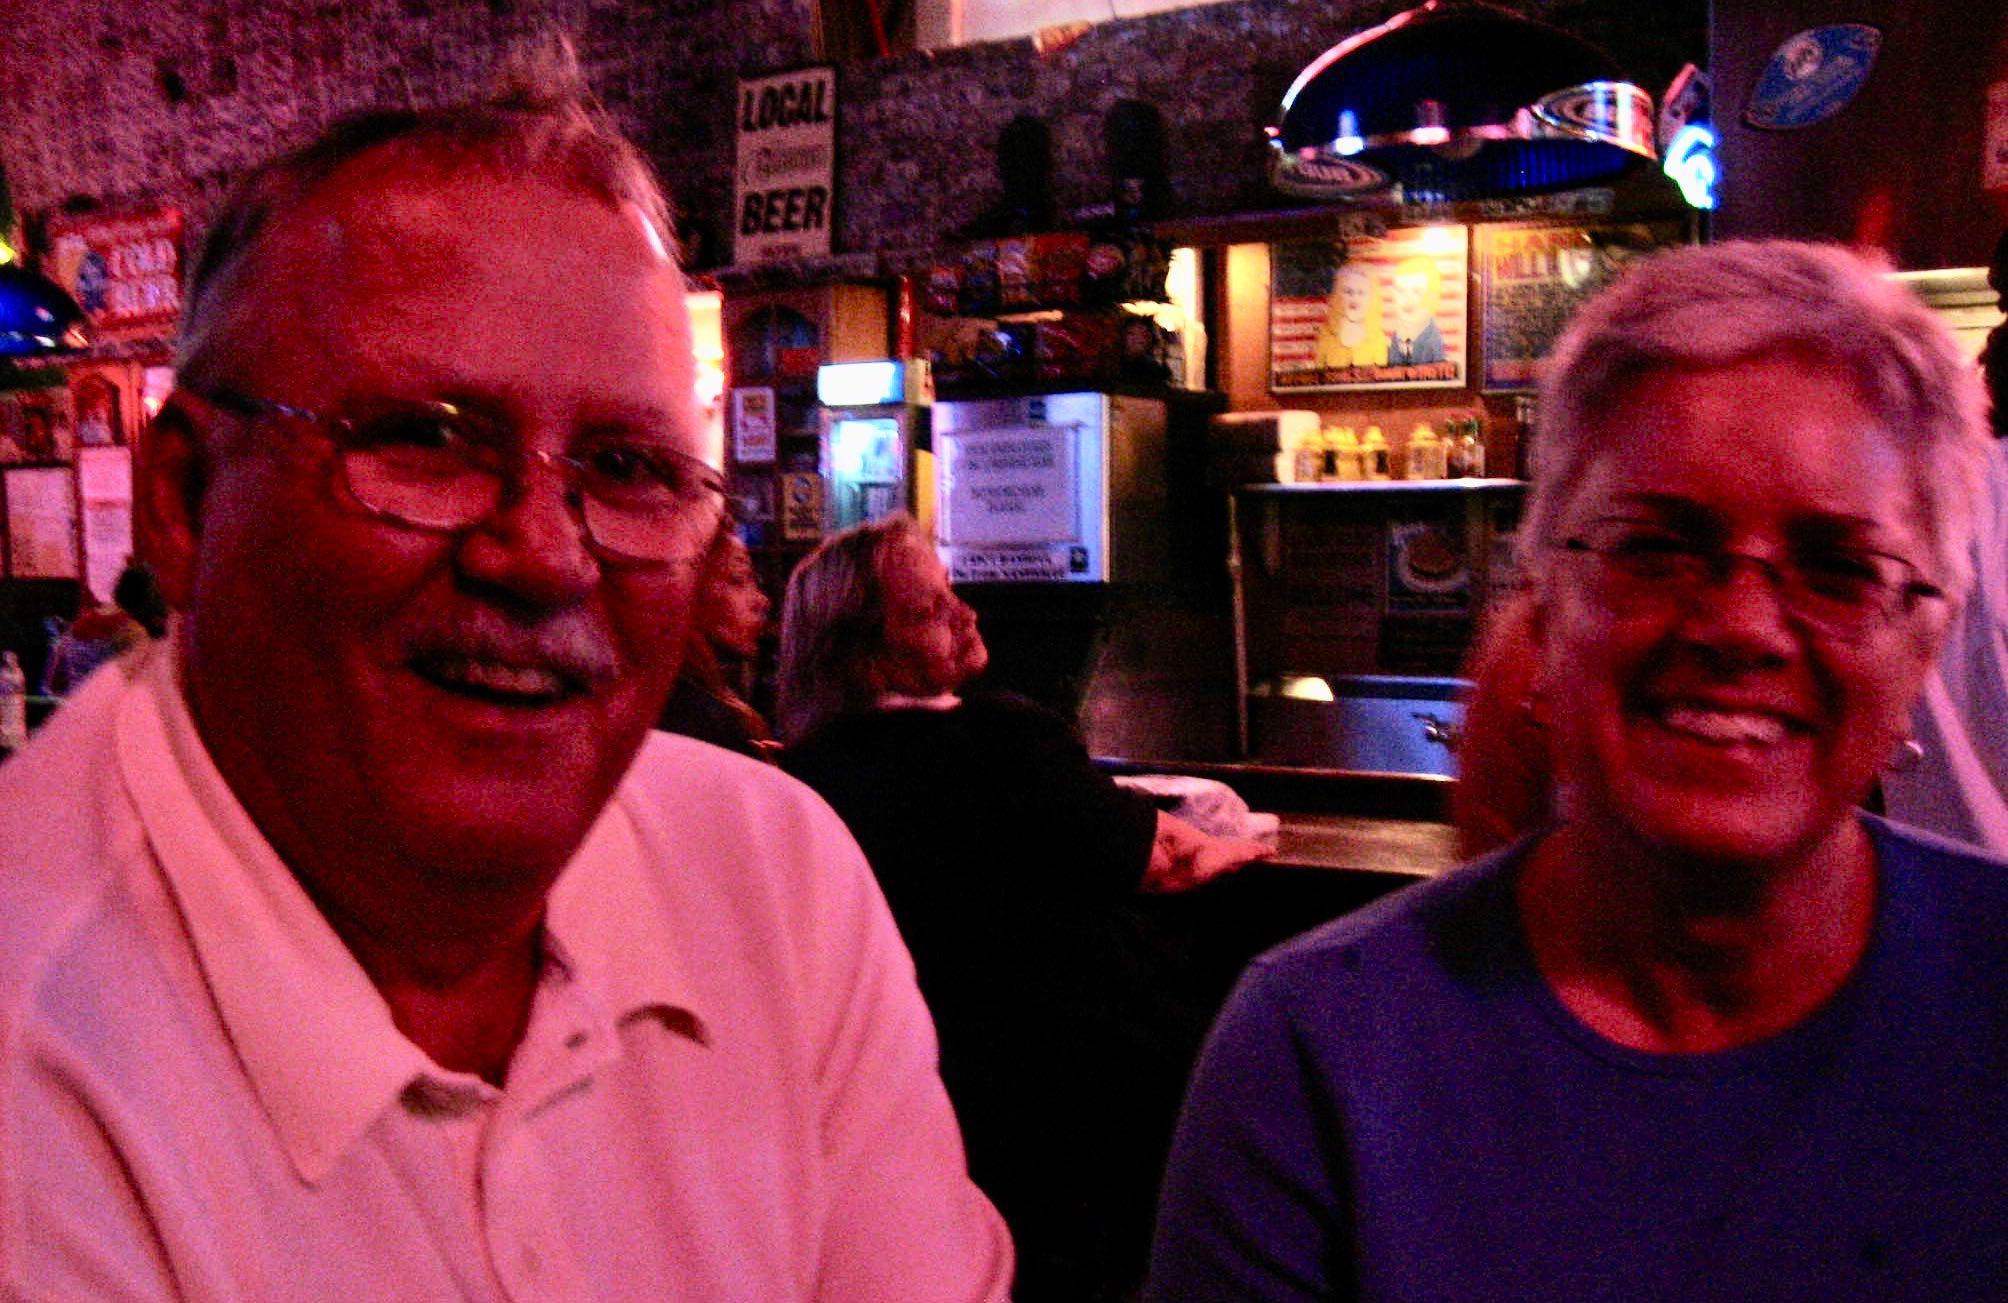 Robert's Western World honky-tonk Nashville